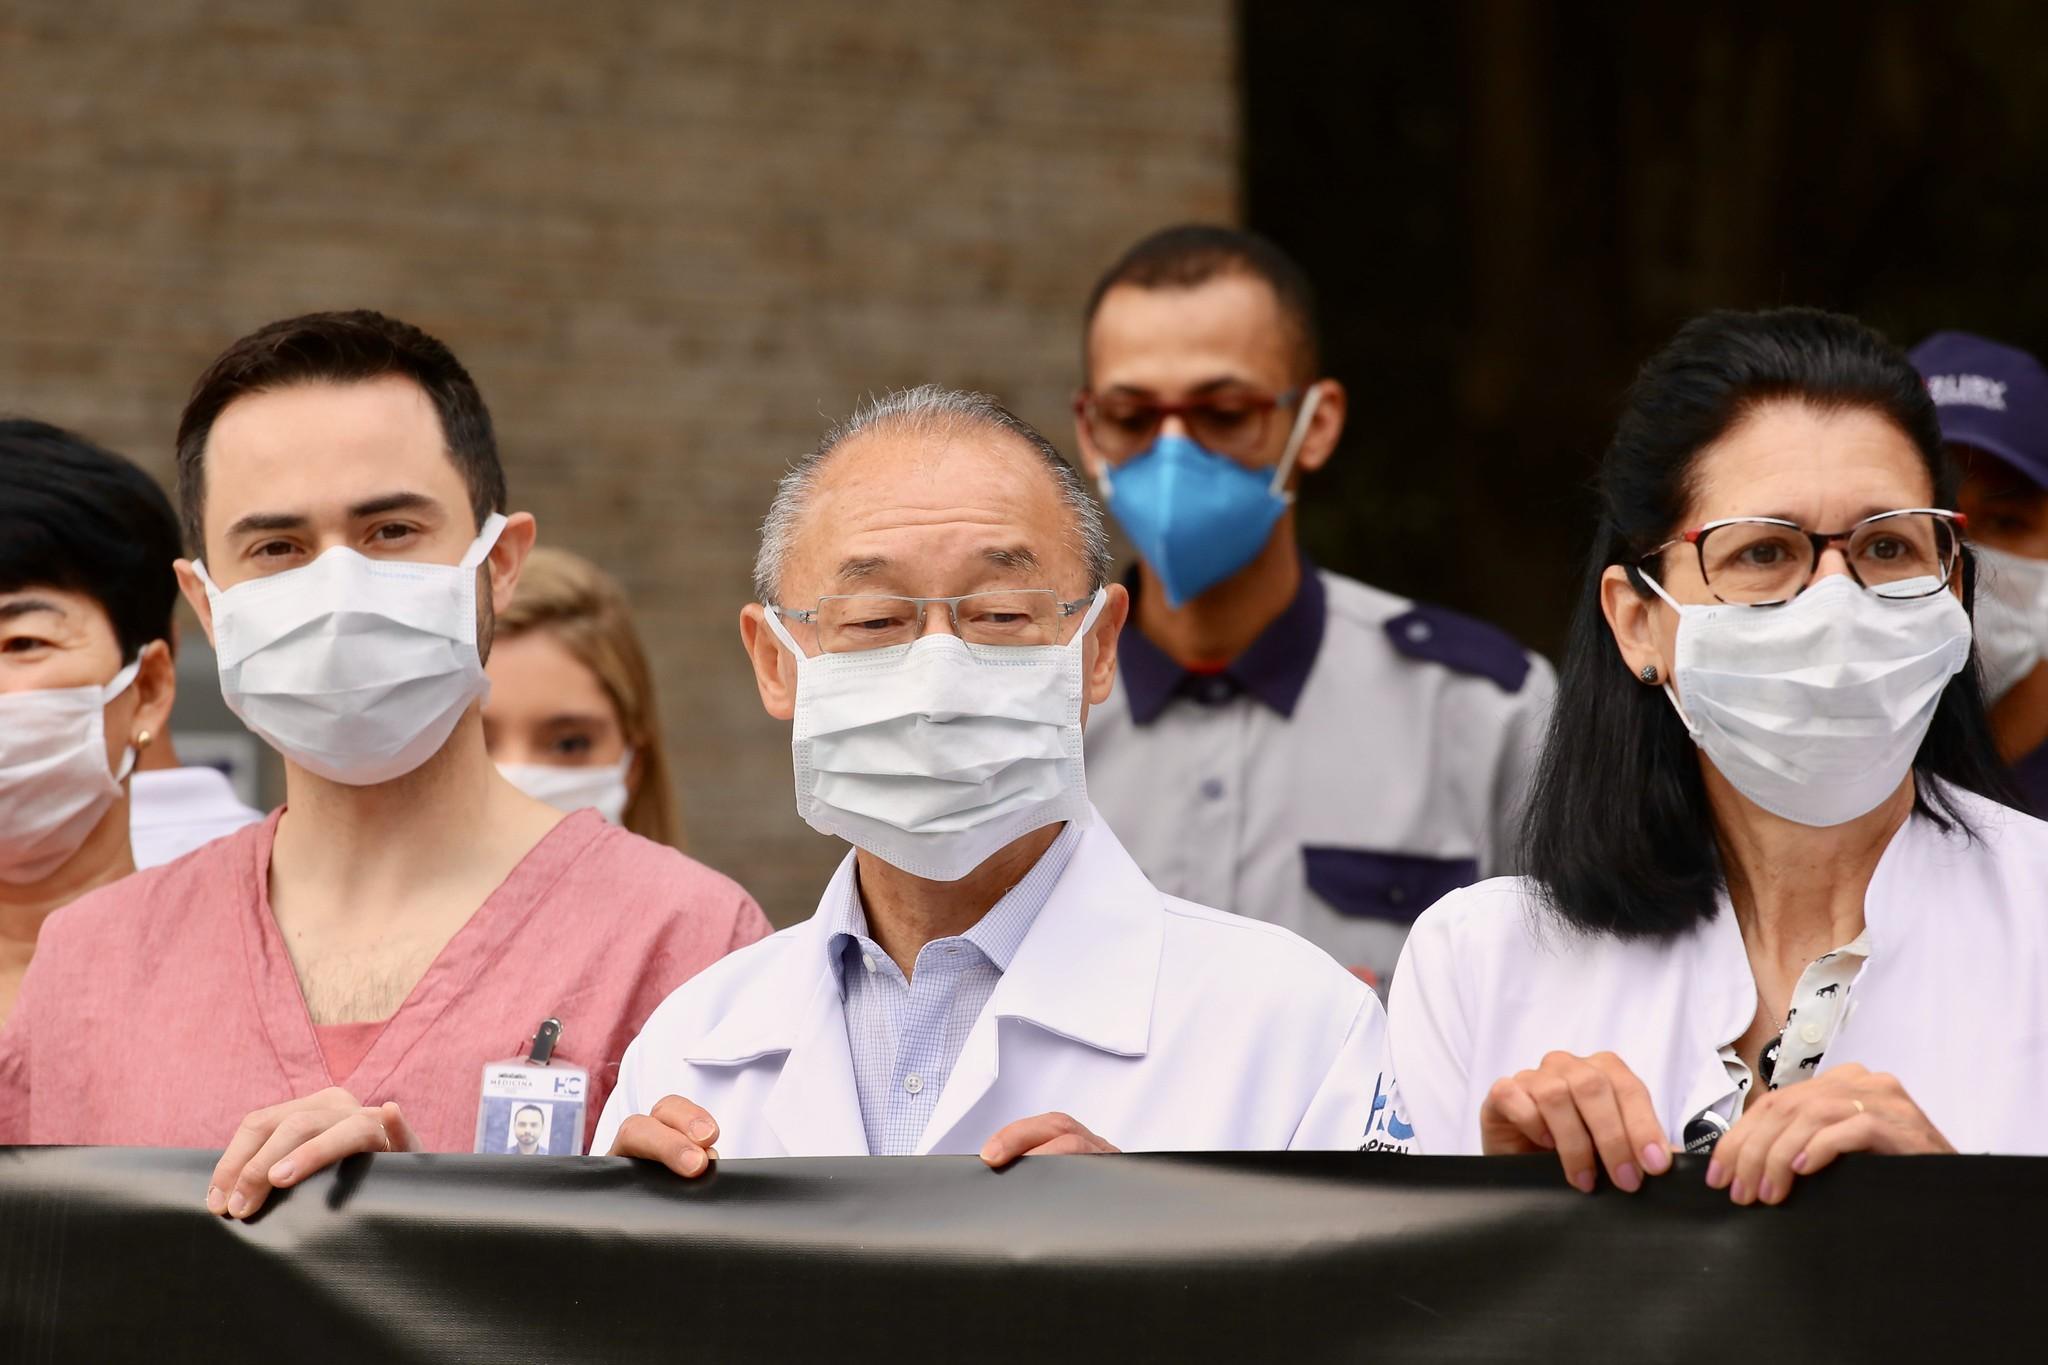 Dois cursos foram disponibilizados pelo Governo do Estado para a capacitação de profissionais de saúde (Crédito: Governo do Estado)